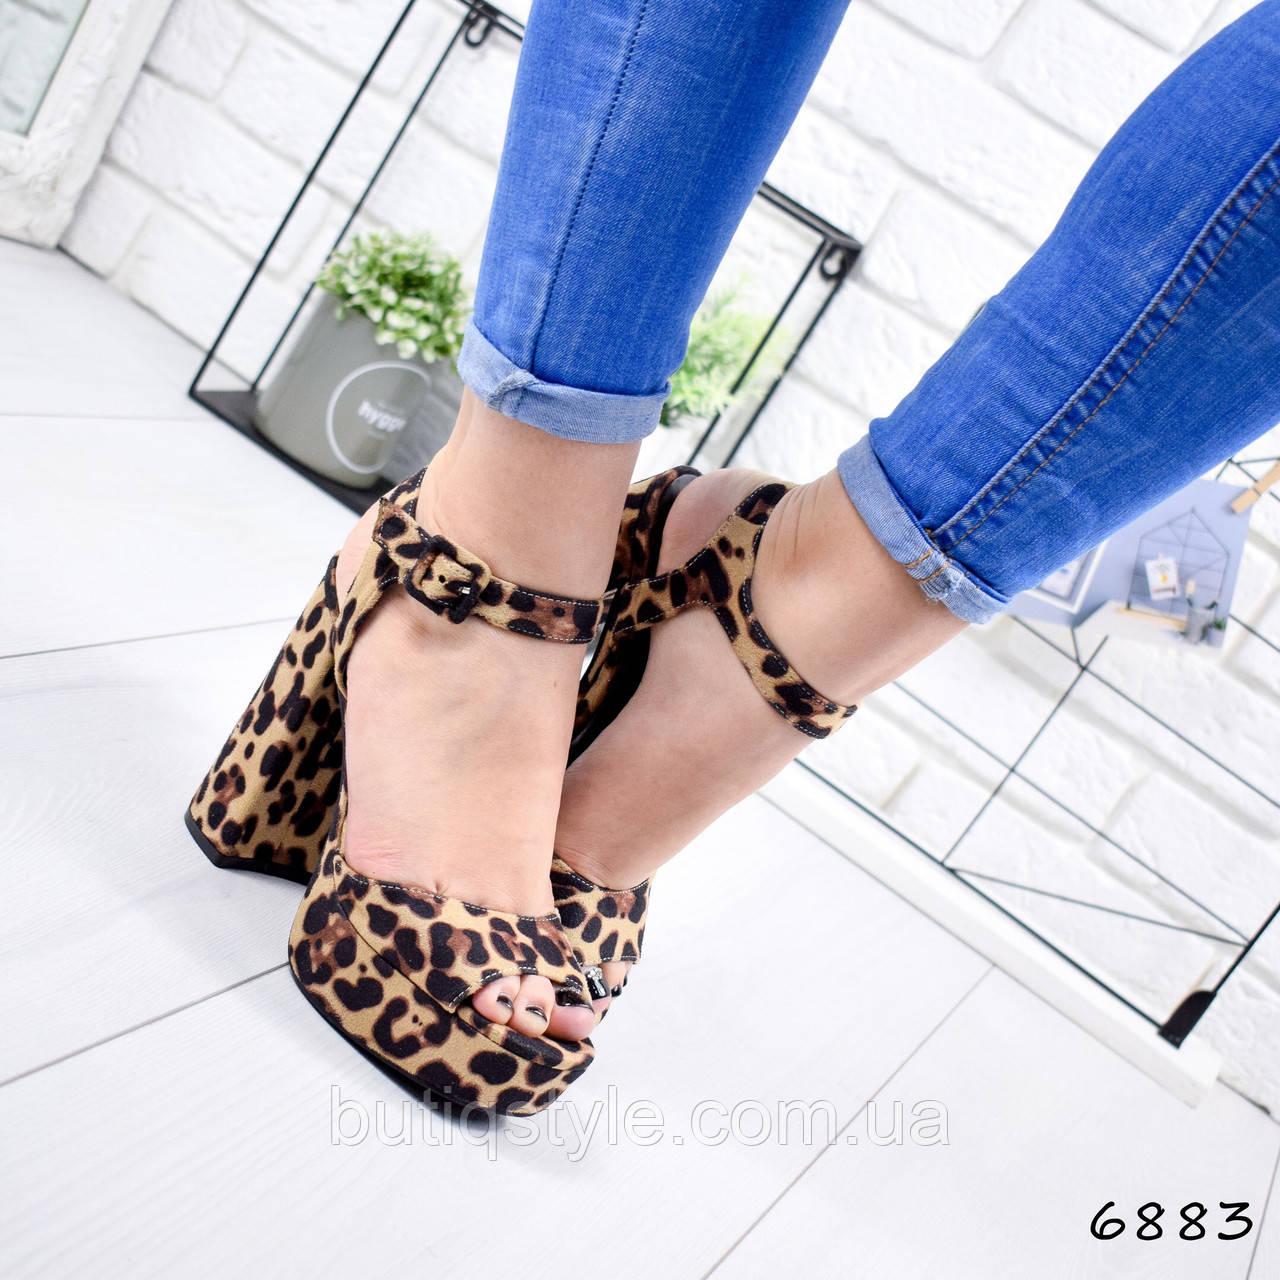 38 размер Босоножки женские леопард на платформе + каблук эко-замша 2019